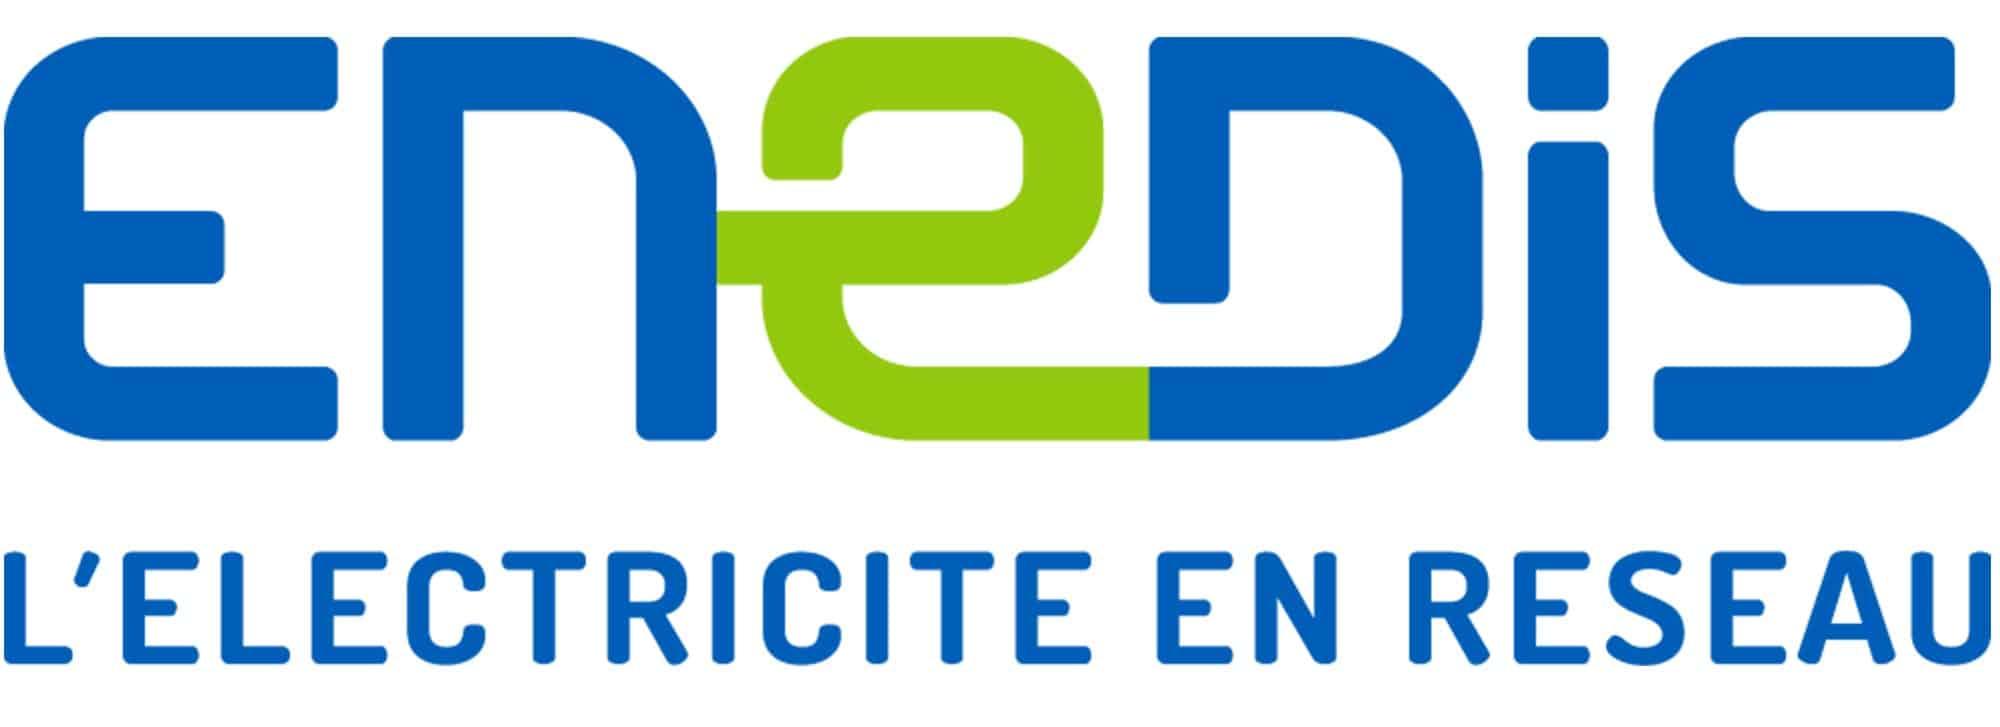 NRJ-Ingenierie-expertise-energies-renouvelables-transition-environnement-ecologique-economique-climatique-responsable-photovoltaique-vert-cres-montpellier-partenaire-ENEDIS